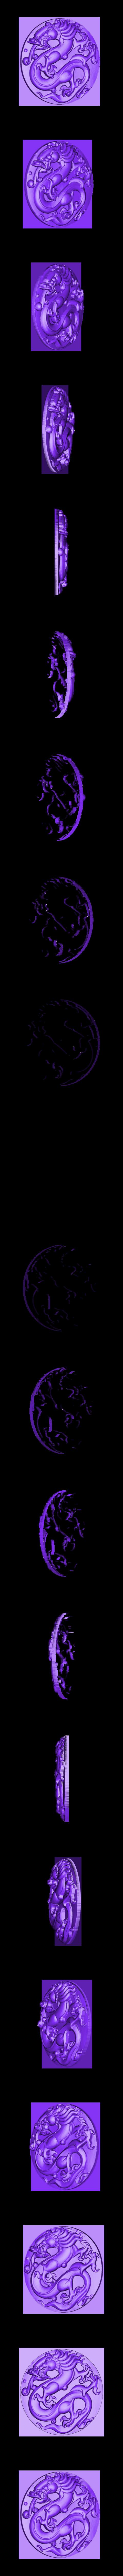 circularDragon.obj Télécharger fichier OBJ gratuit dragon circulaire • Objet imprimable en 3D, stlfilesfree